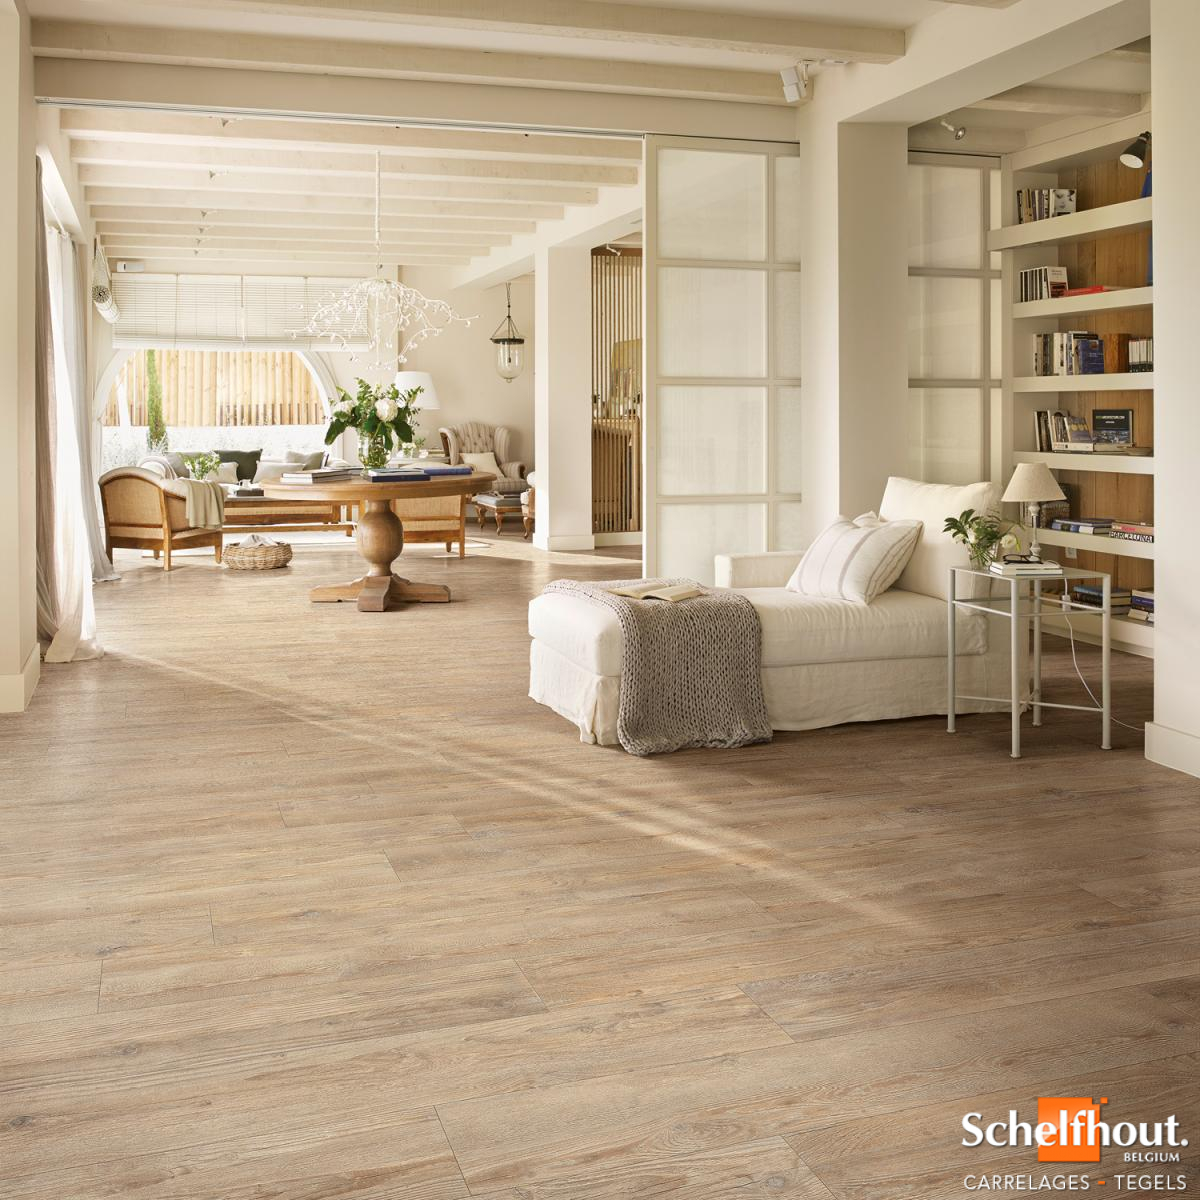 Carreaux De Ciment Parquet Bois schelfhout - carrelages bois – parquet céramique